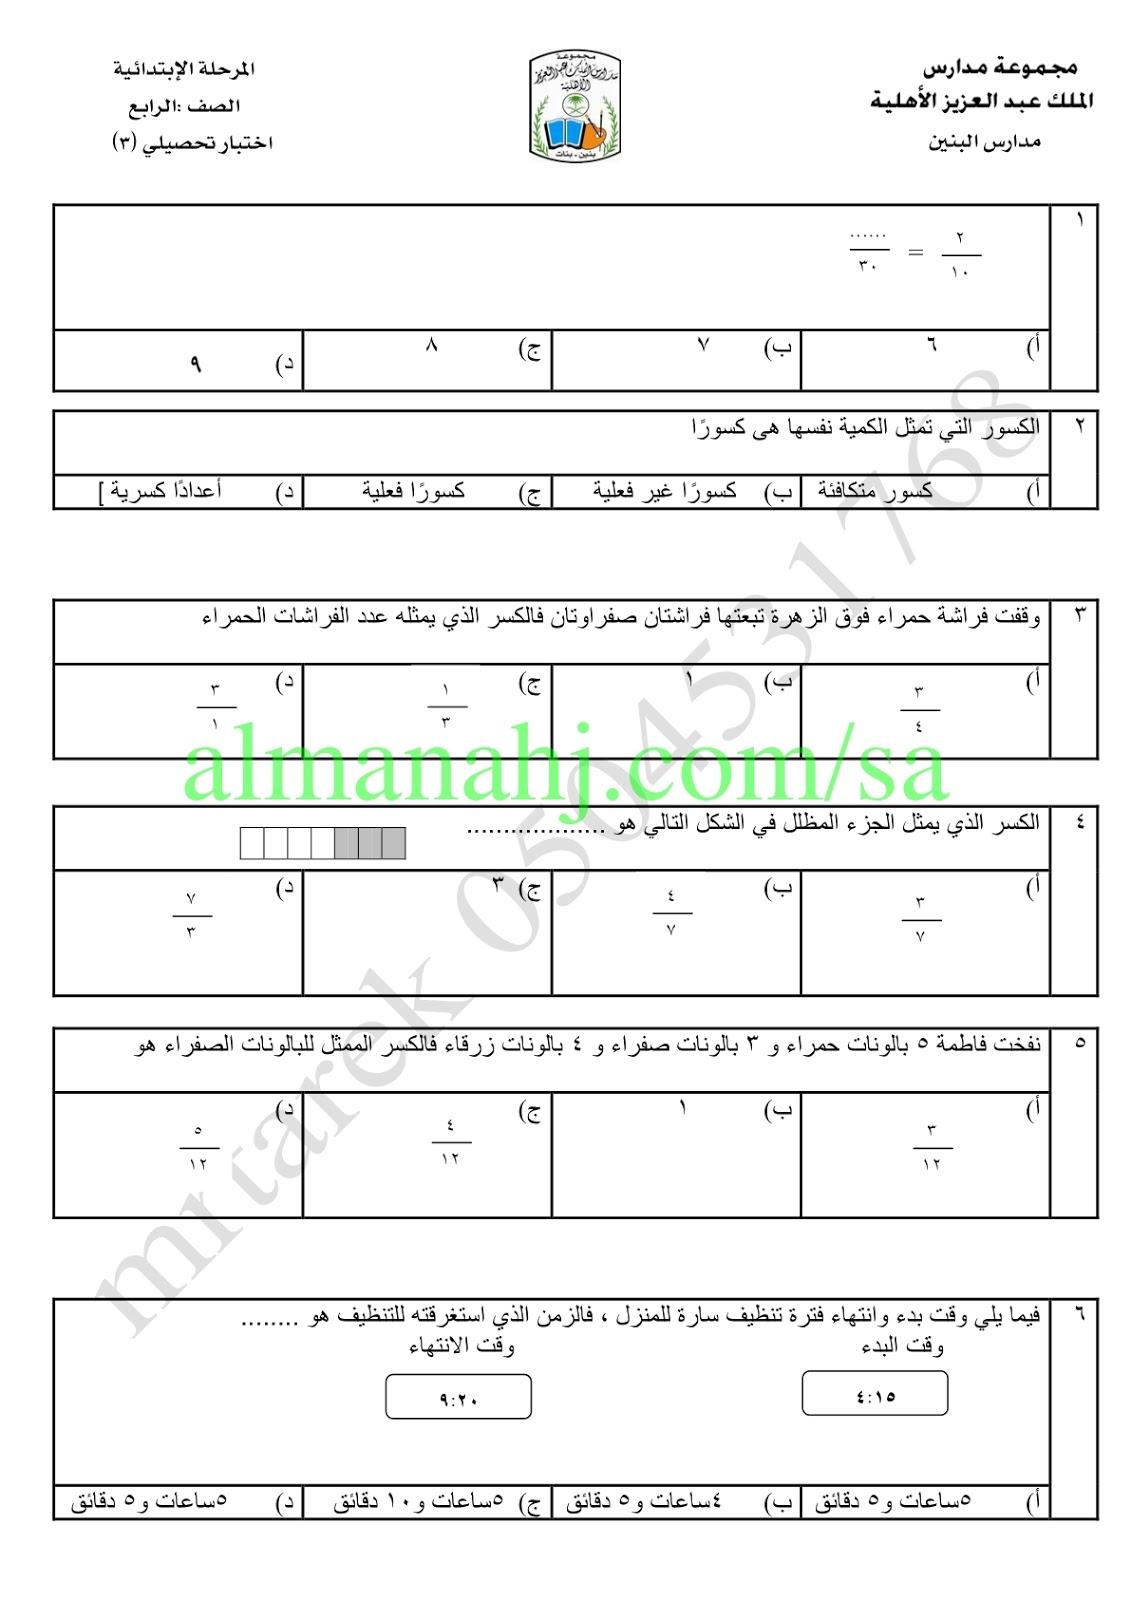 اختبار تحصيلي 3 الصف الرابع رياضيات الفصل الثاني المناهج السعودية